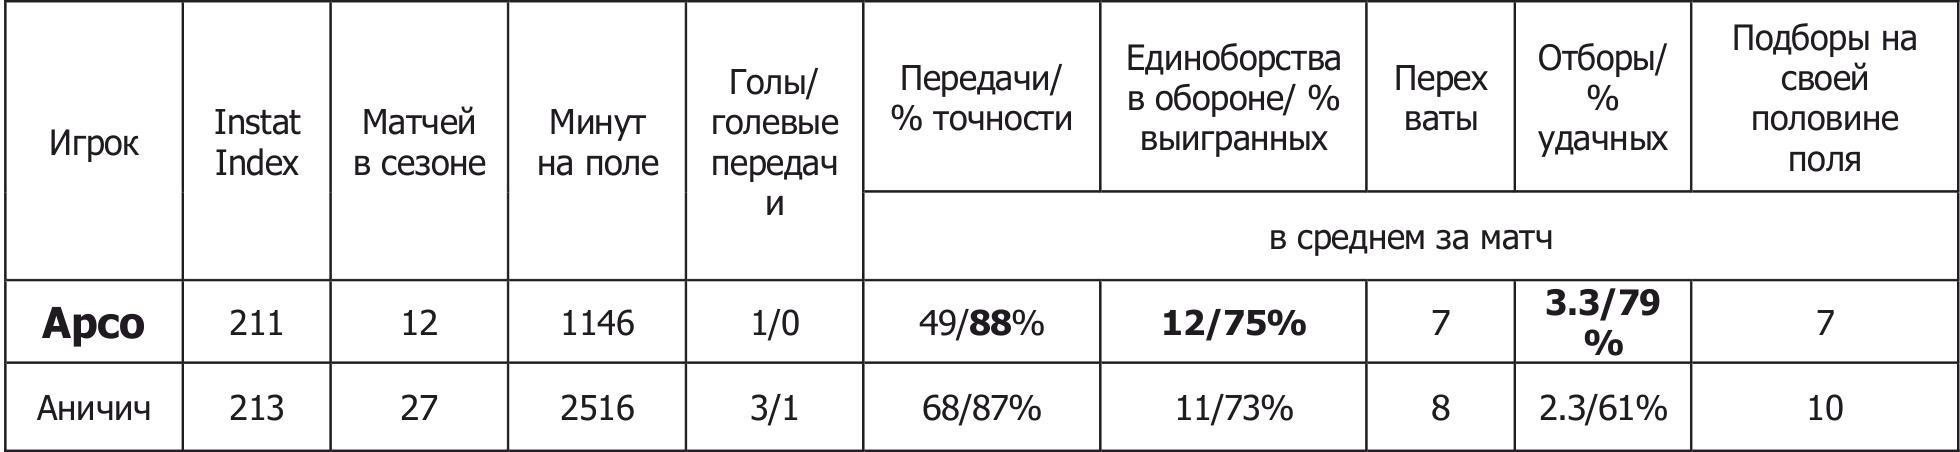 Описание: http://pflk.kz/userfiles/%D0%B0%D1%80%D1%81%D0%BE.png